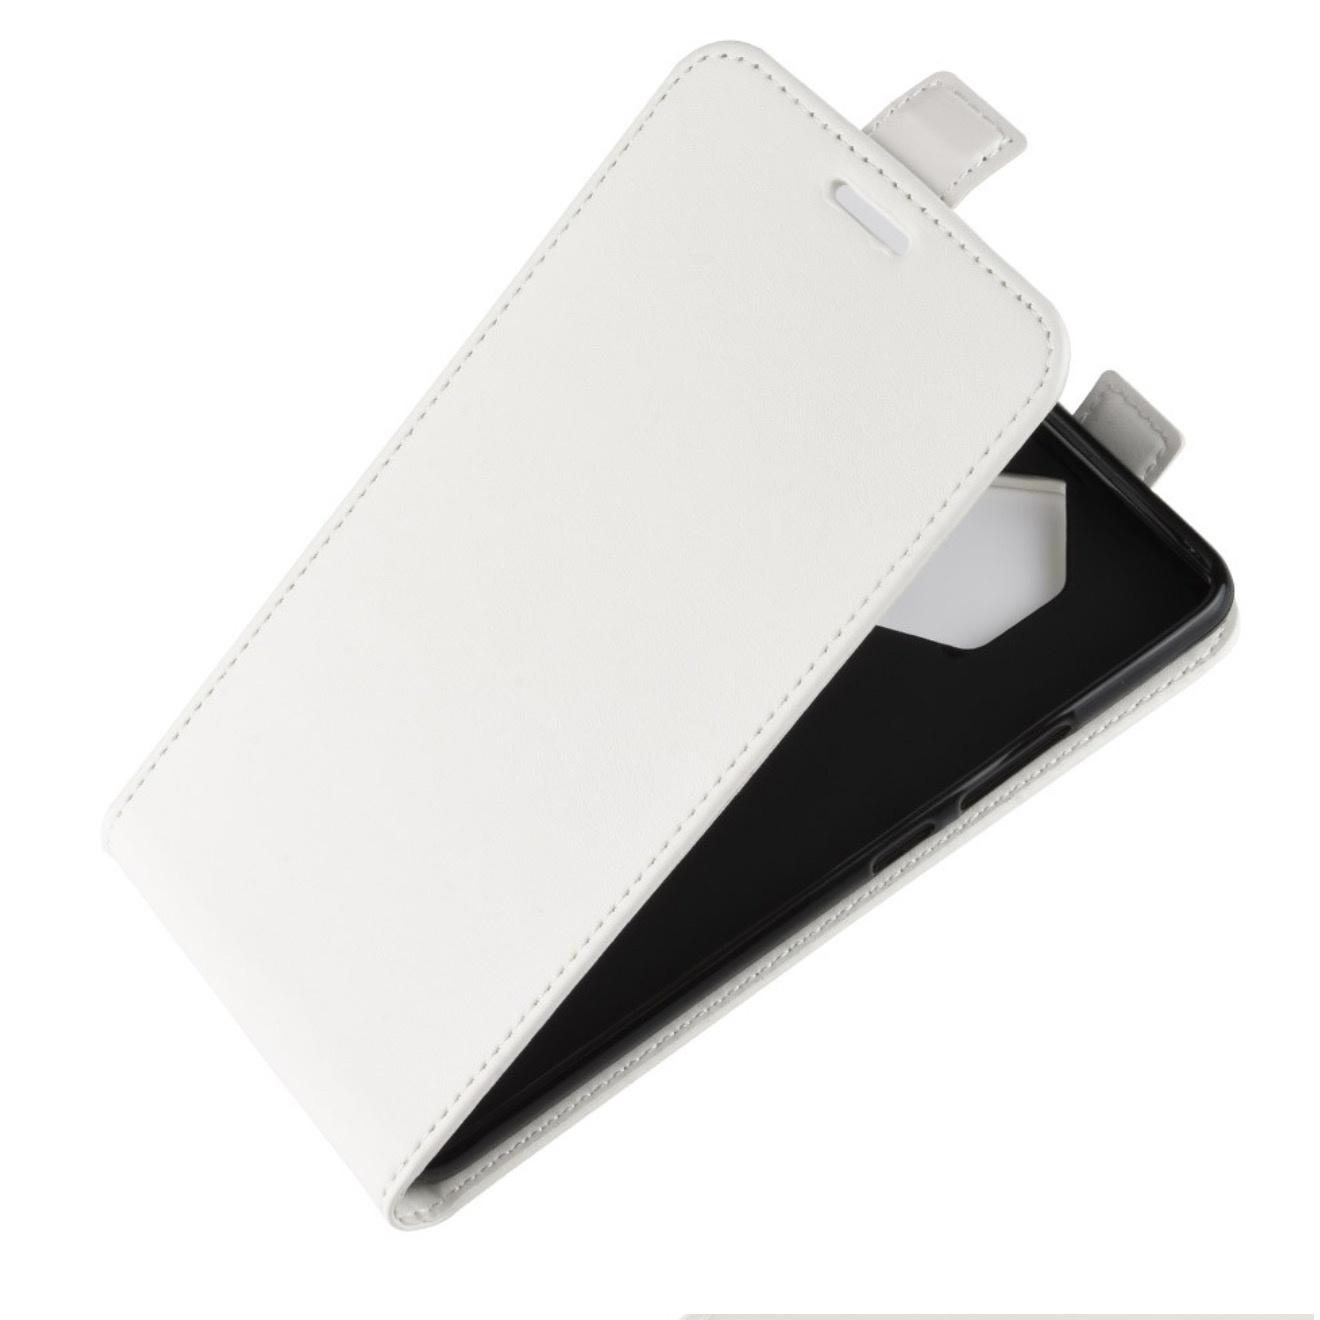 Чехол-флип MyPads для Nokia Lumia 920 вертикальный откидной белый стоимость